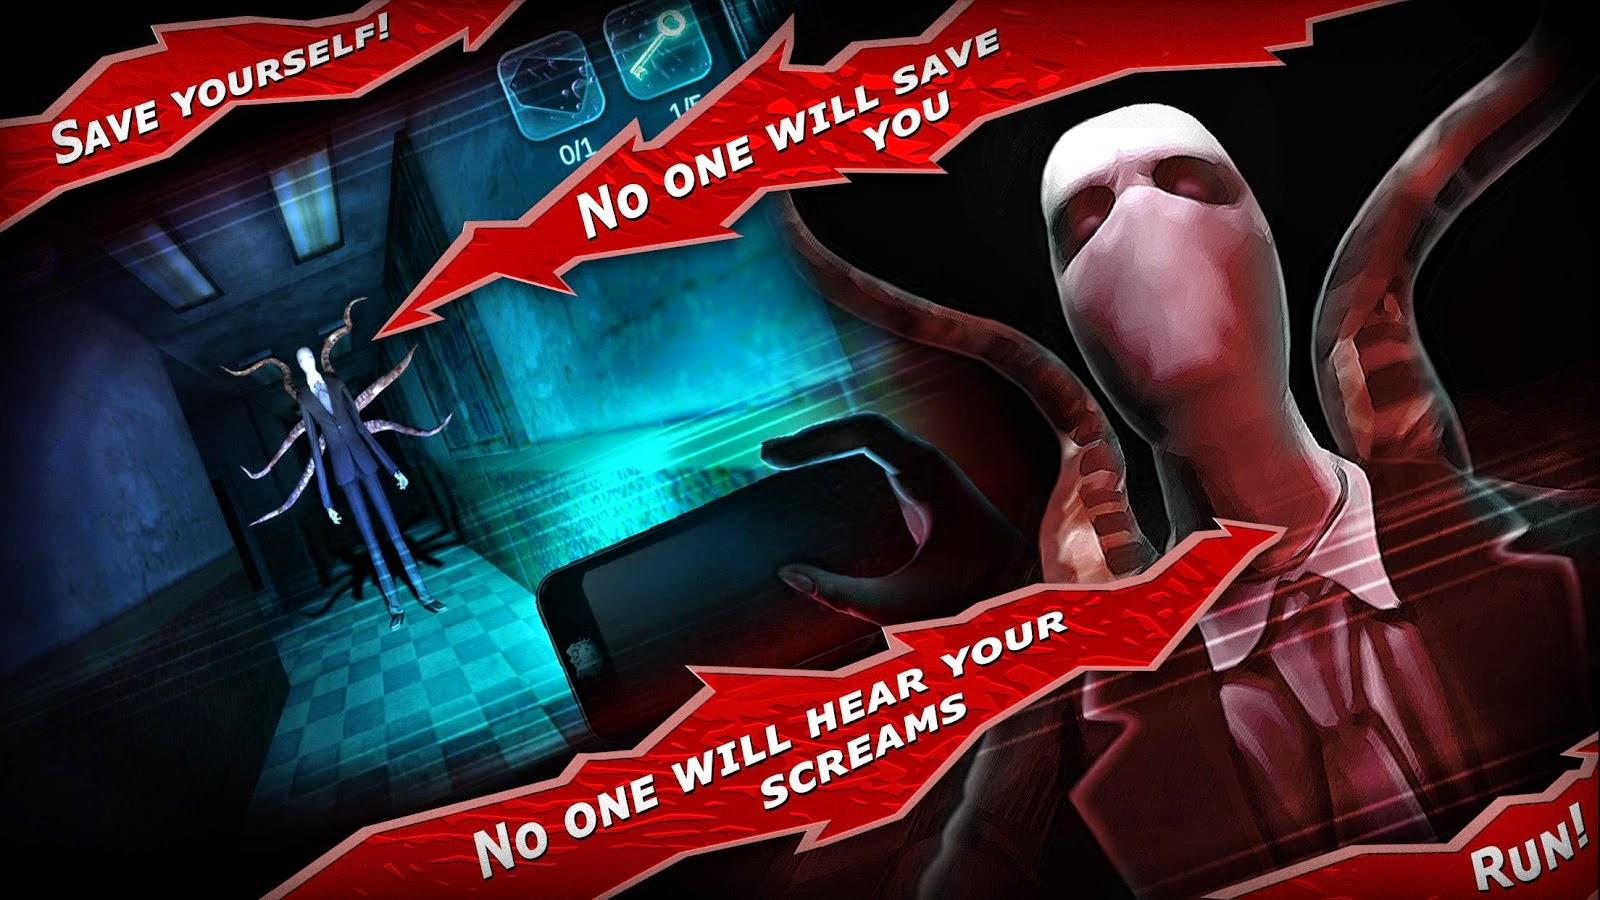 Download Slender Man Origins Apk